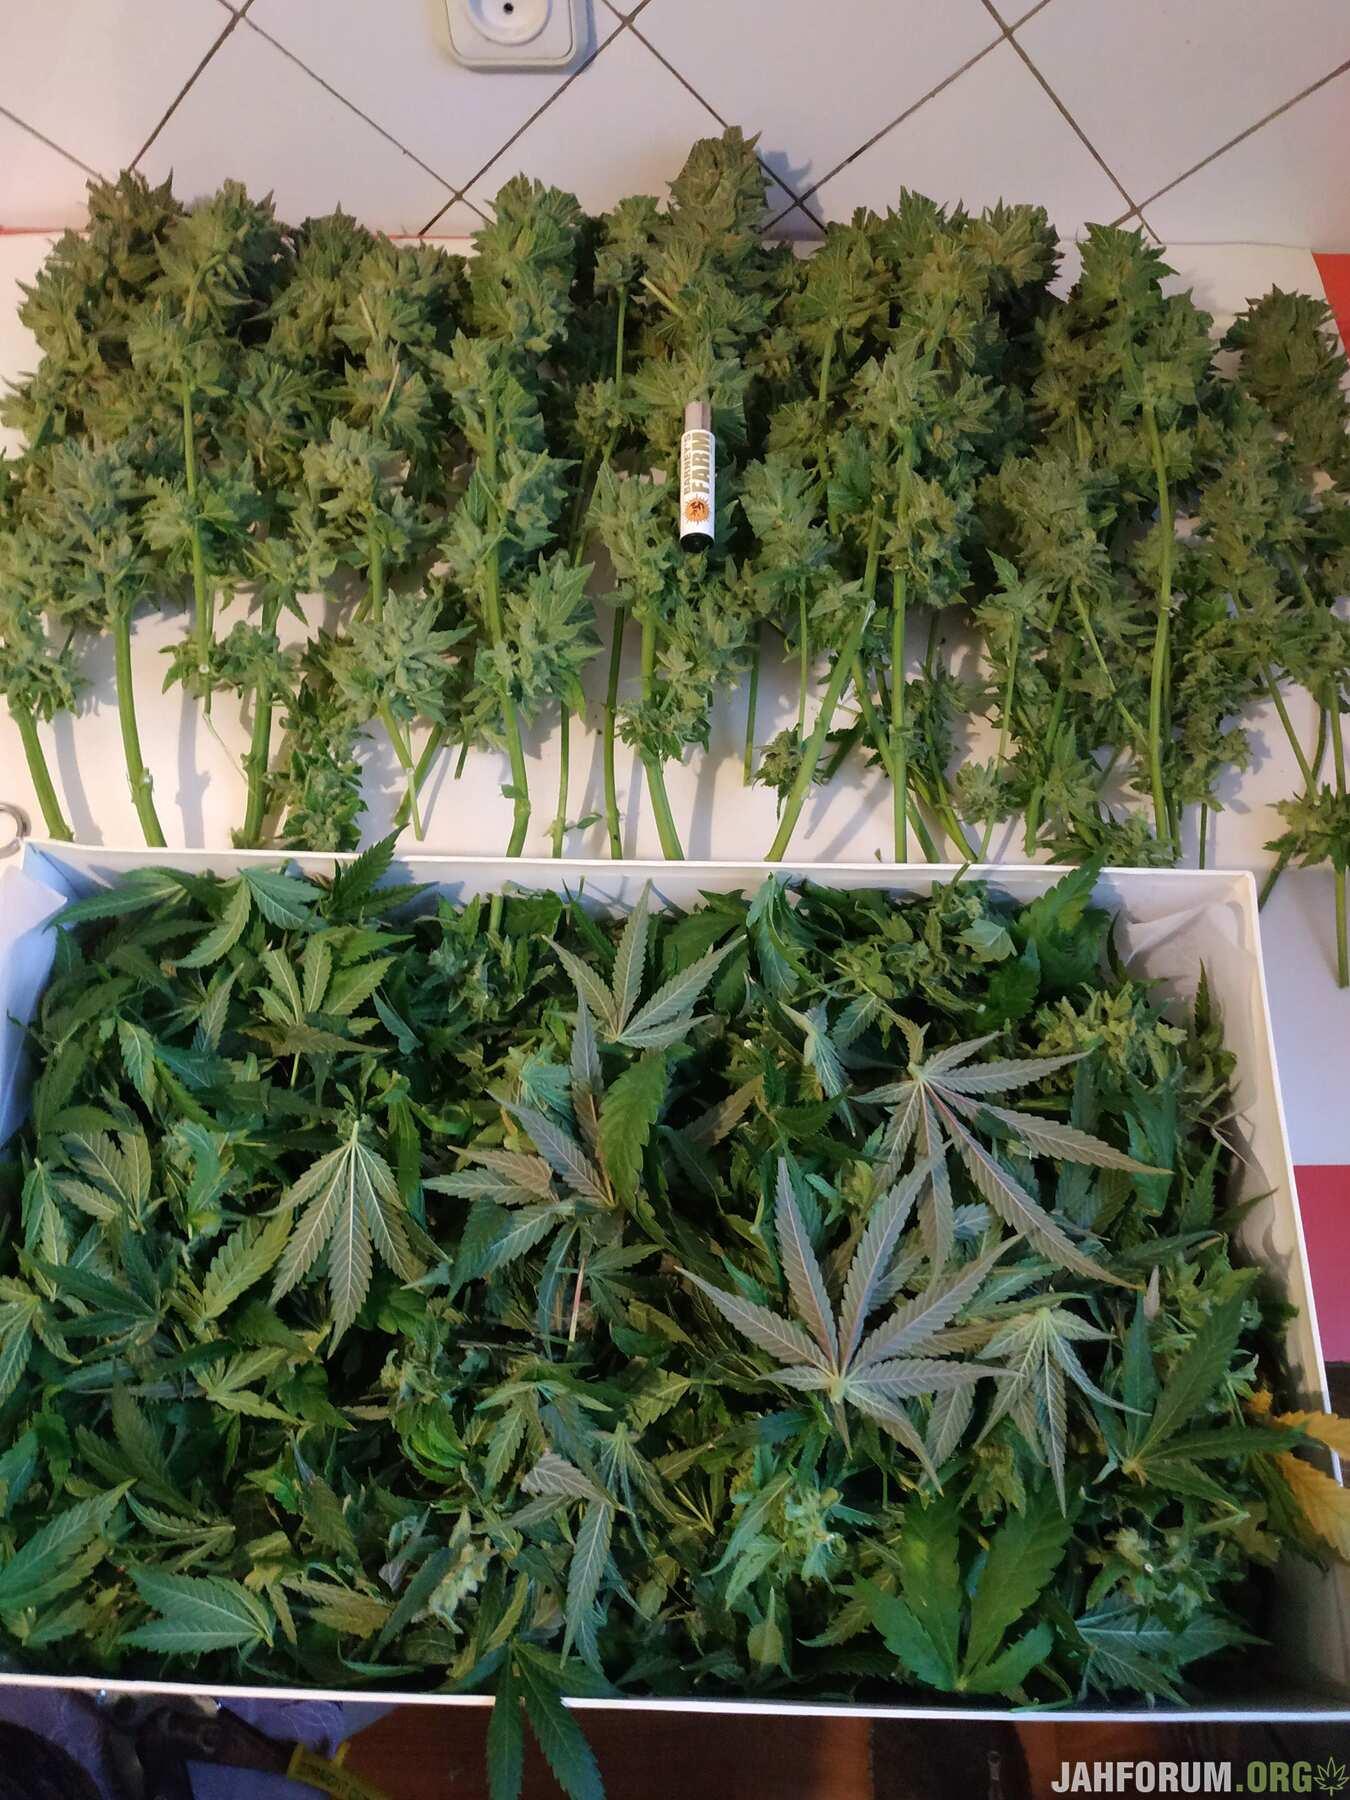 3368679_barney-039-s-farm-lsd-feminsed-grow-journal-by-trollshamanbarneys-farmlsd-feminsed.jpg